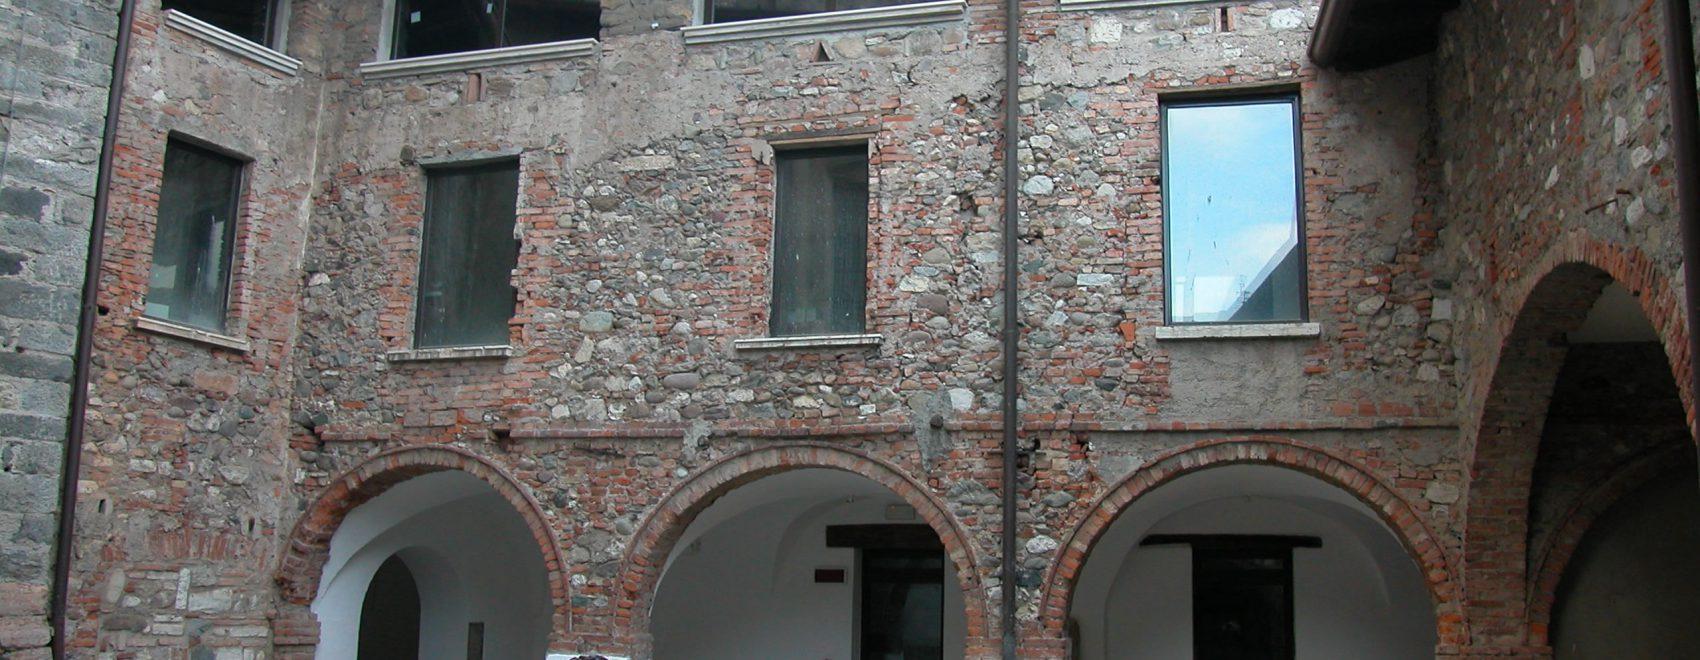 Sede del Museo archeologico della Vallesabbia